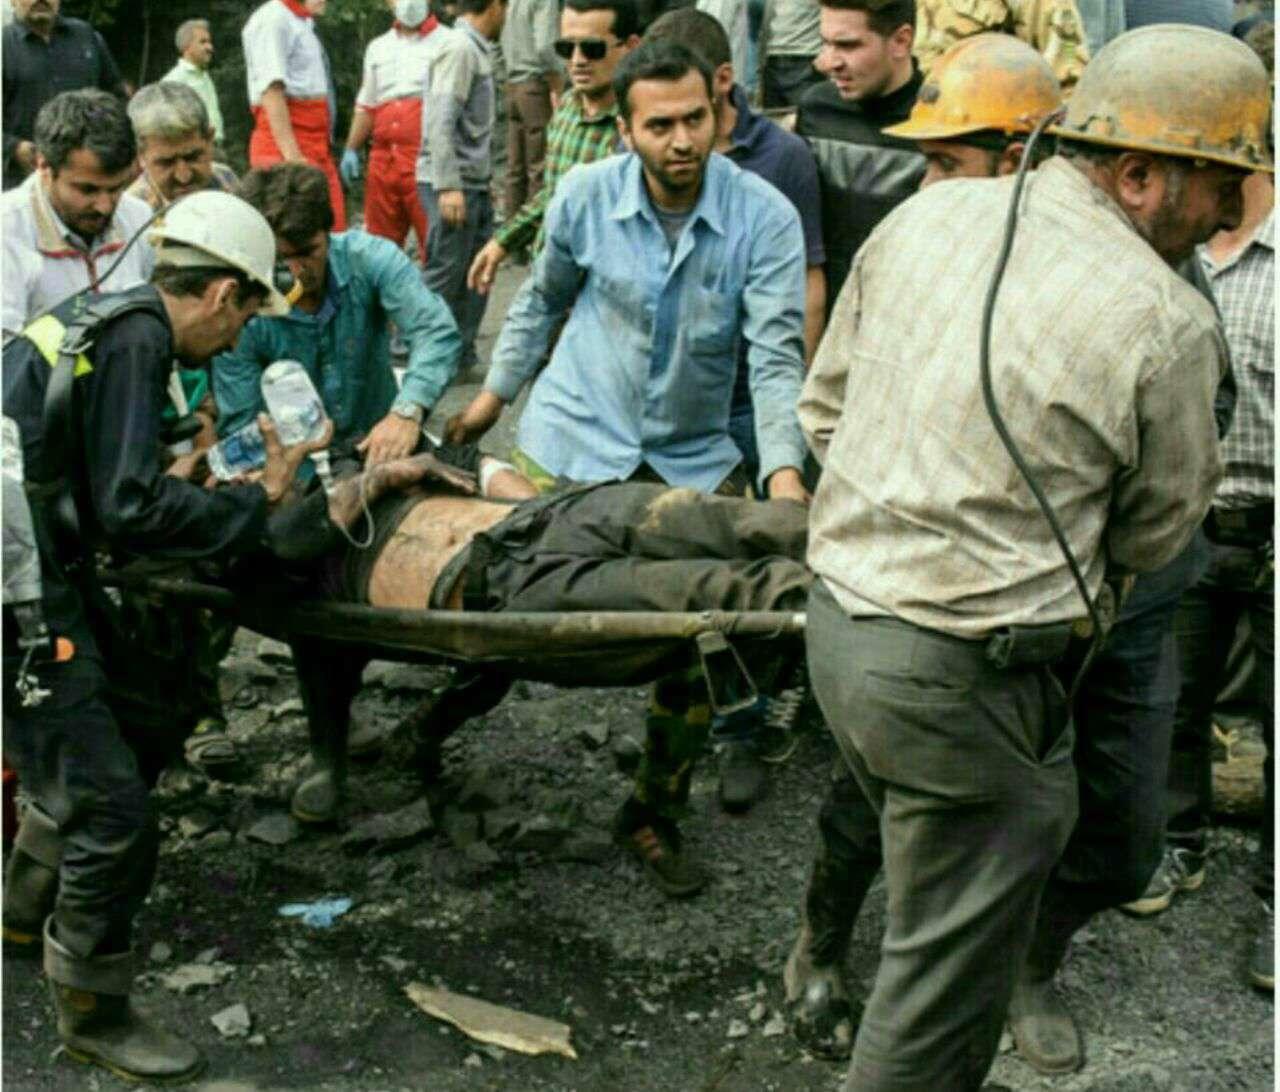 اَی كاش دعای مرگ برای دیگر ملتها از دهان ایرانیان بیوفتد